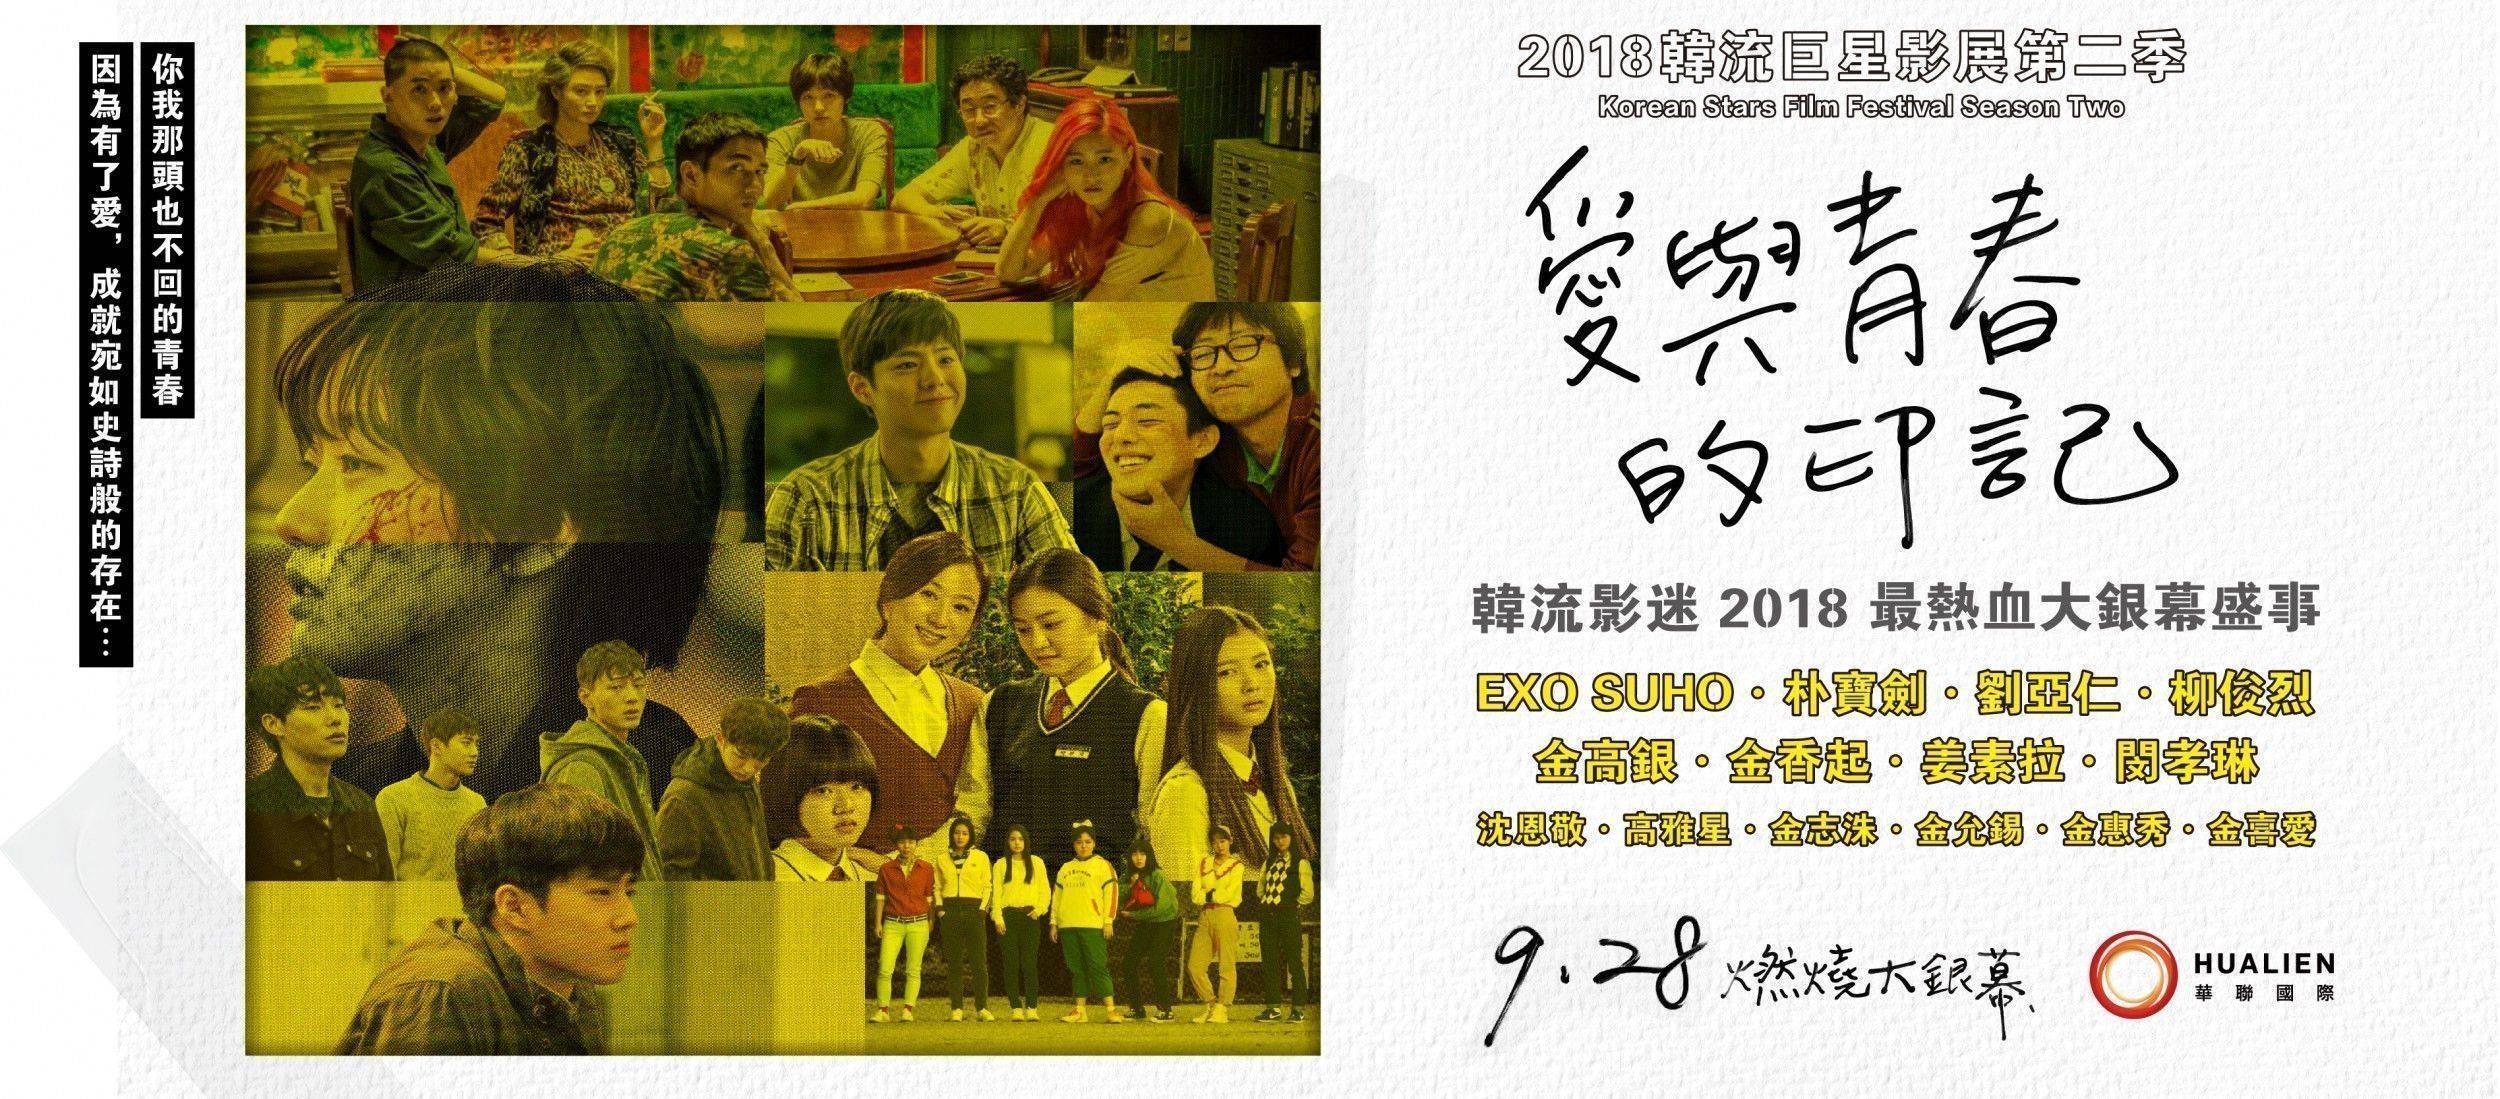 愛與青春的印記 韓流影展第二季